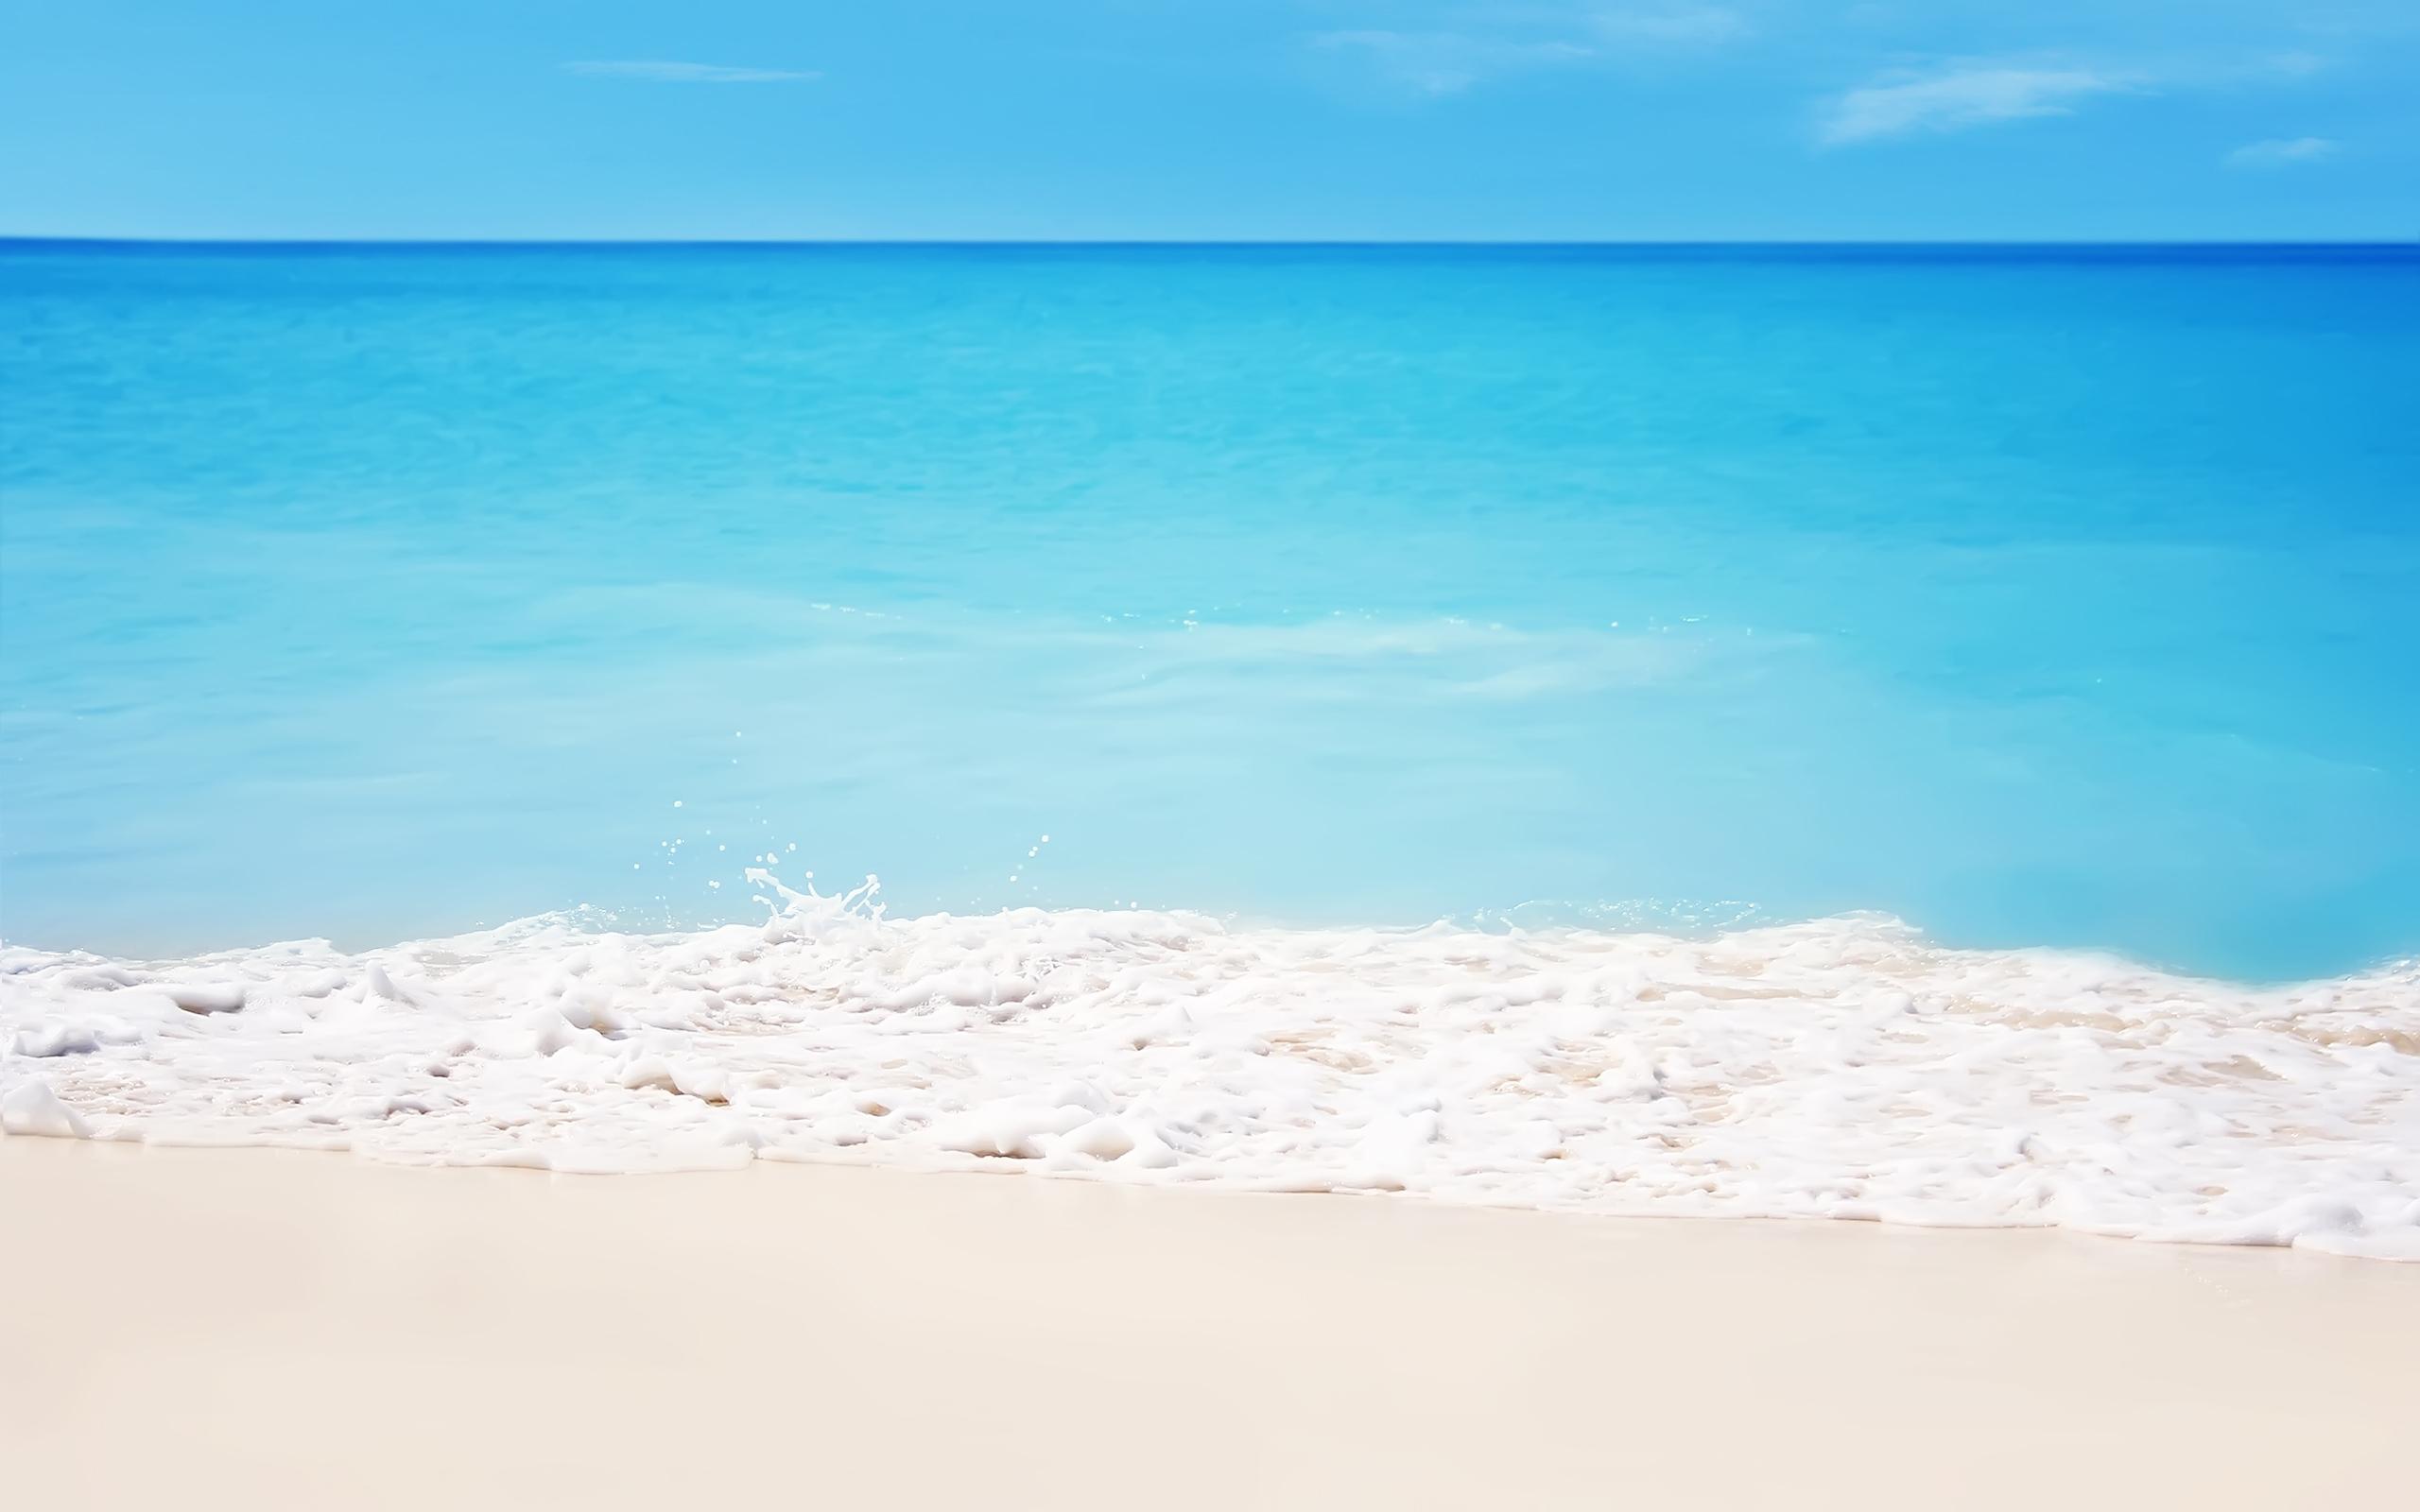 обои для рабочего стола берег пляжи № 598798 бесплатно